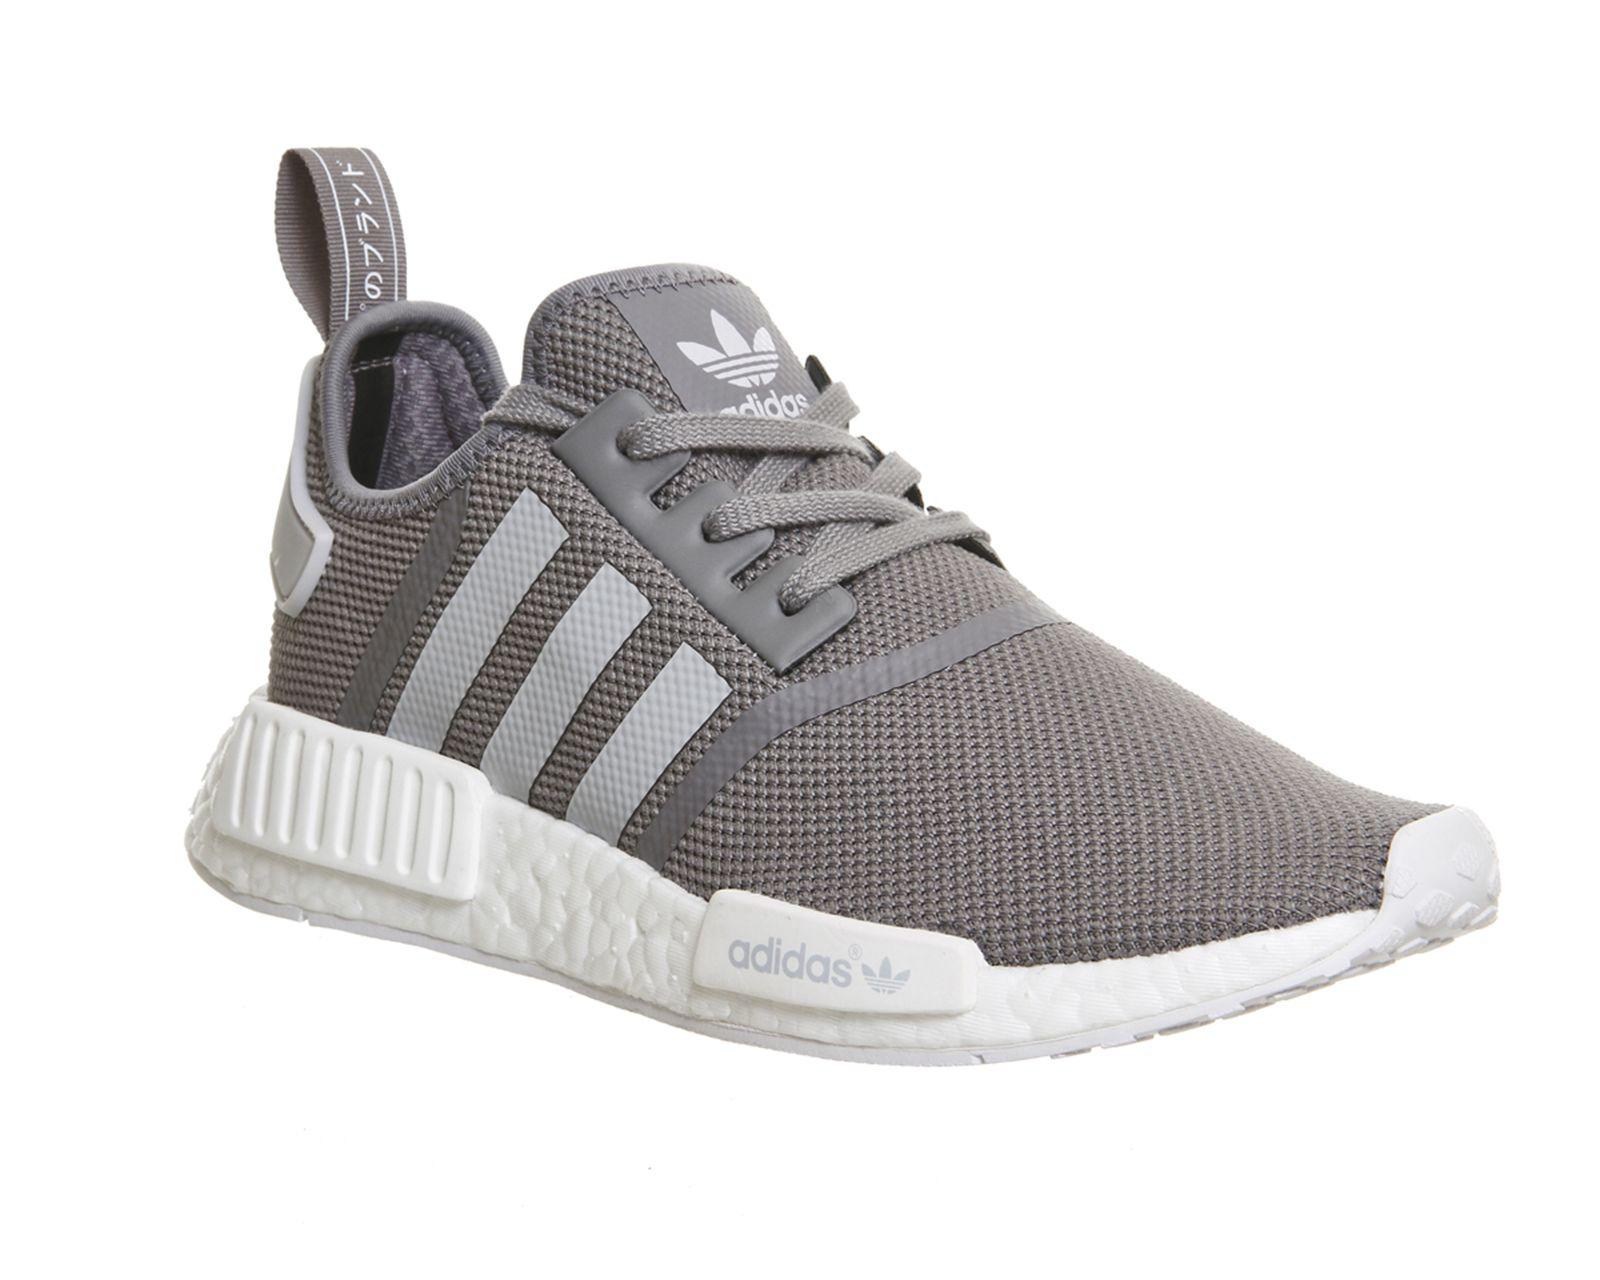 adidas black & grey nmd r1 trainers